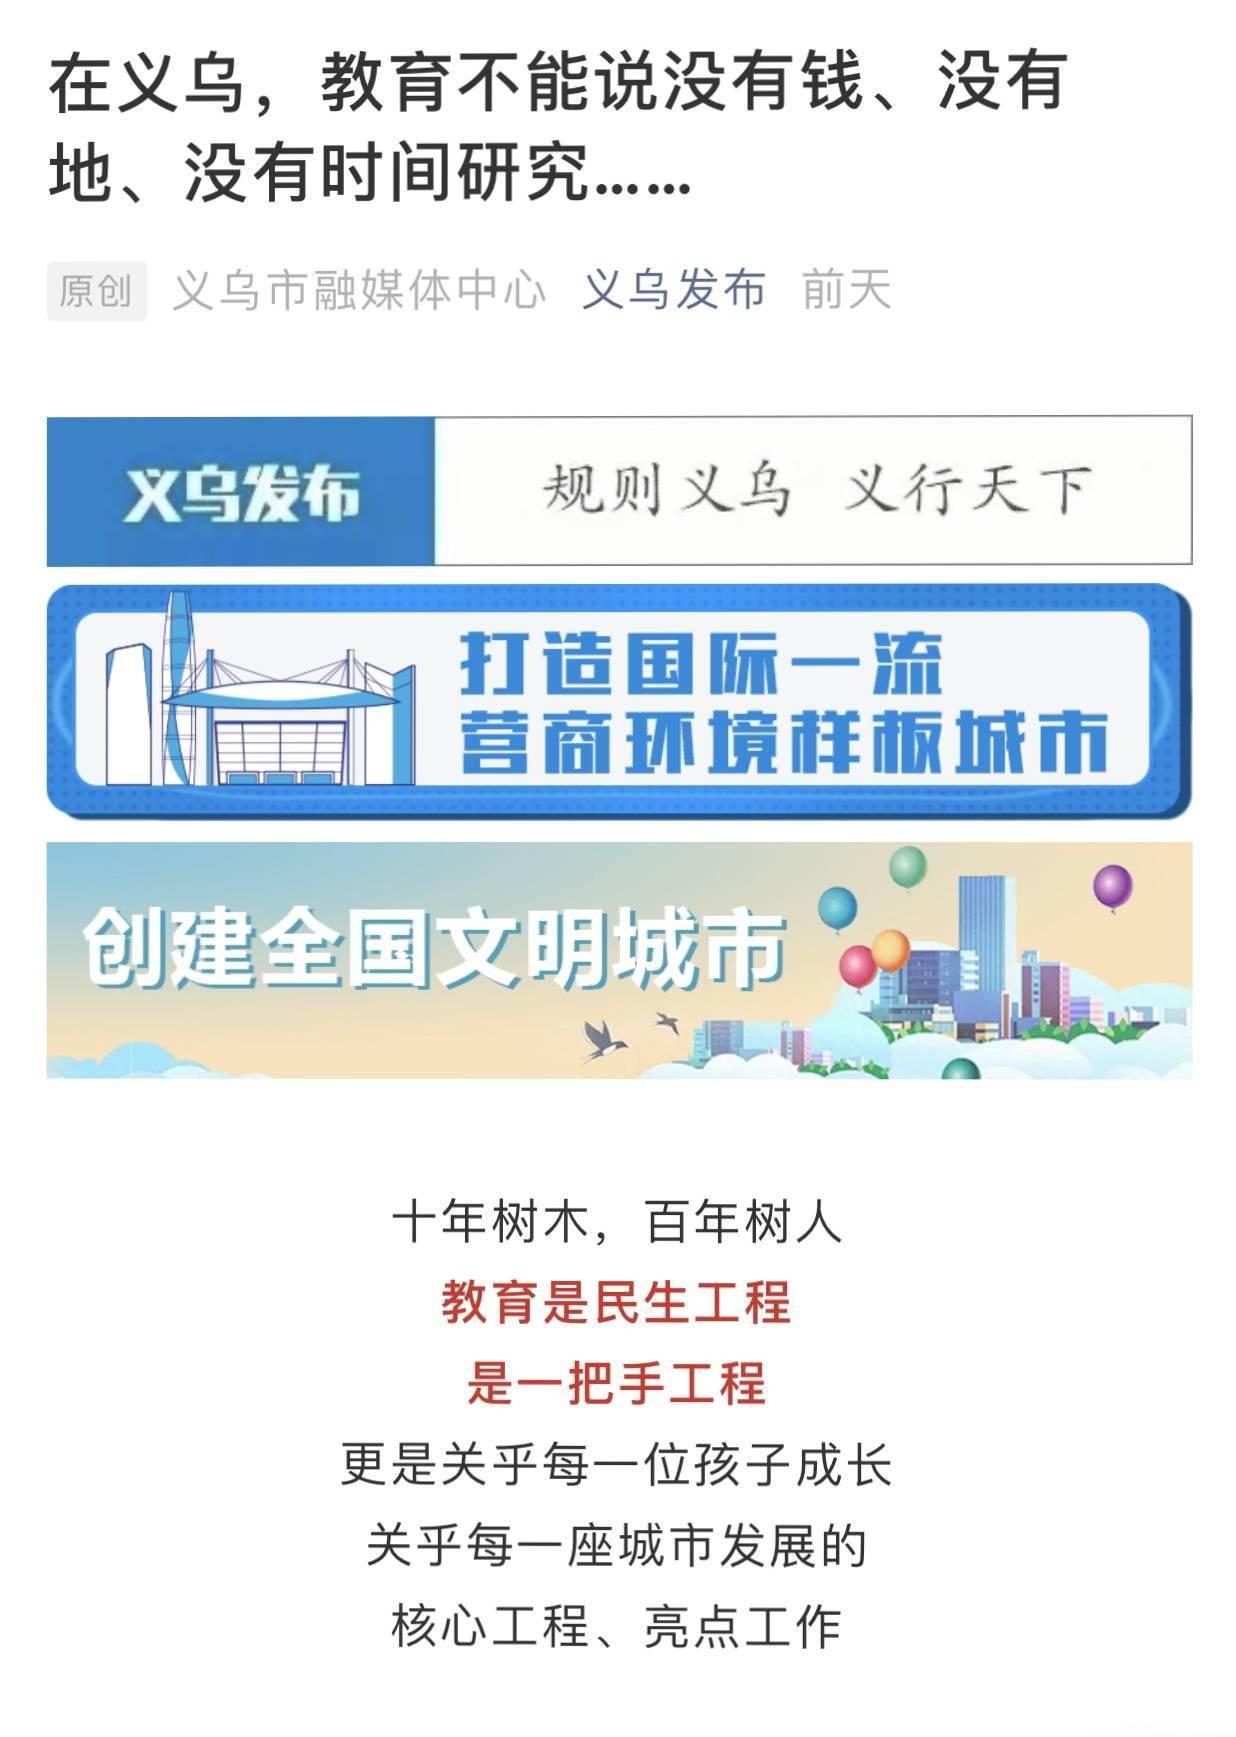 """欧宝体育_教师收入不低于公务员 希望不只是金华 而是""""中国""""(图1)"""